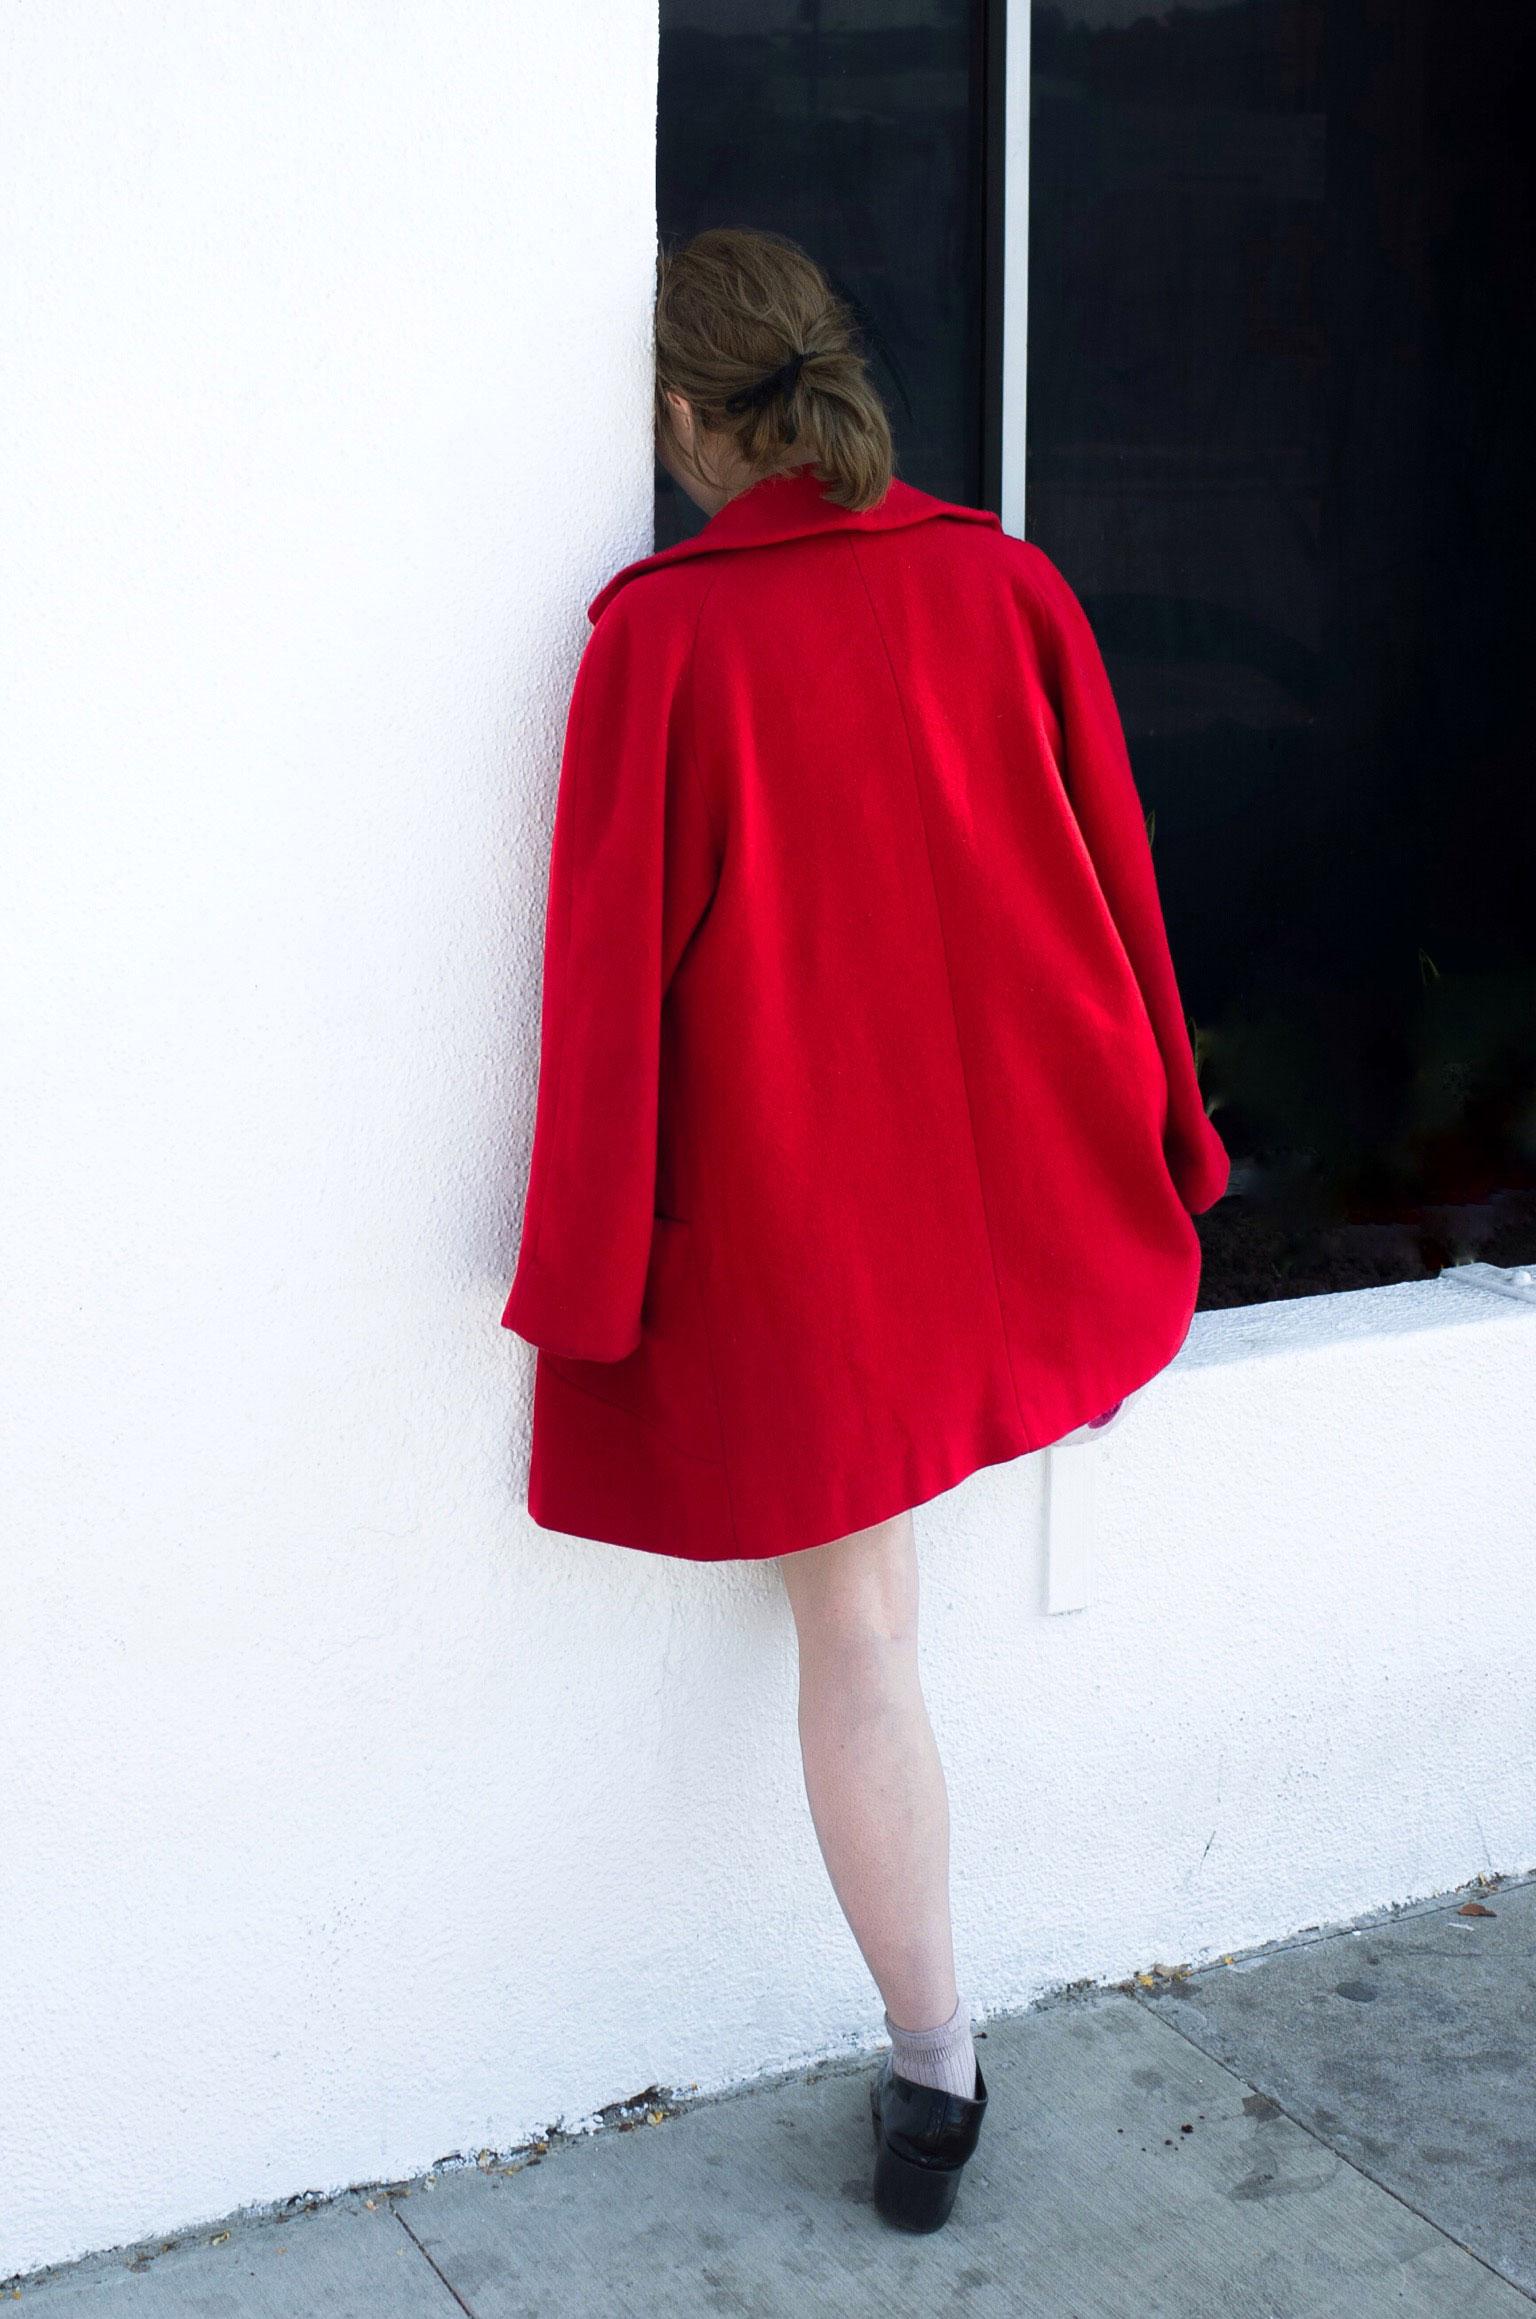 4b_redcoat2